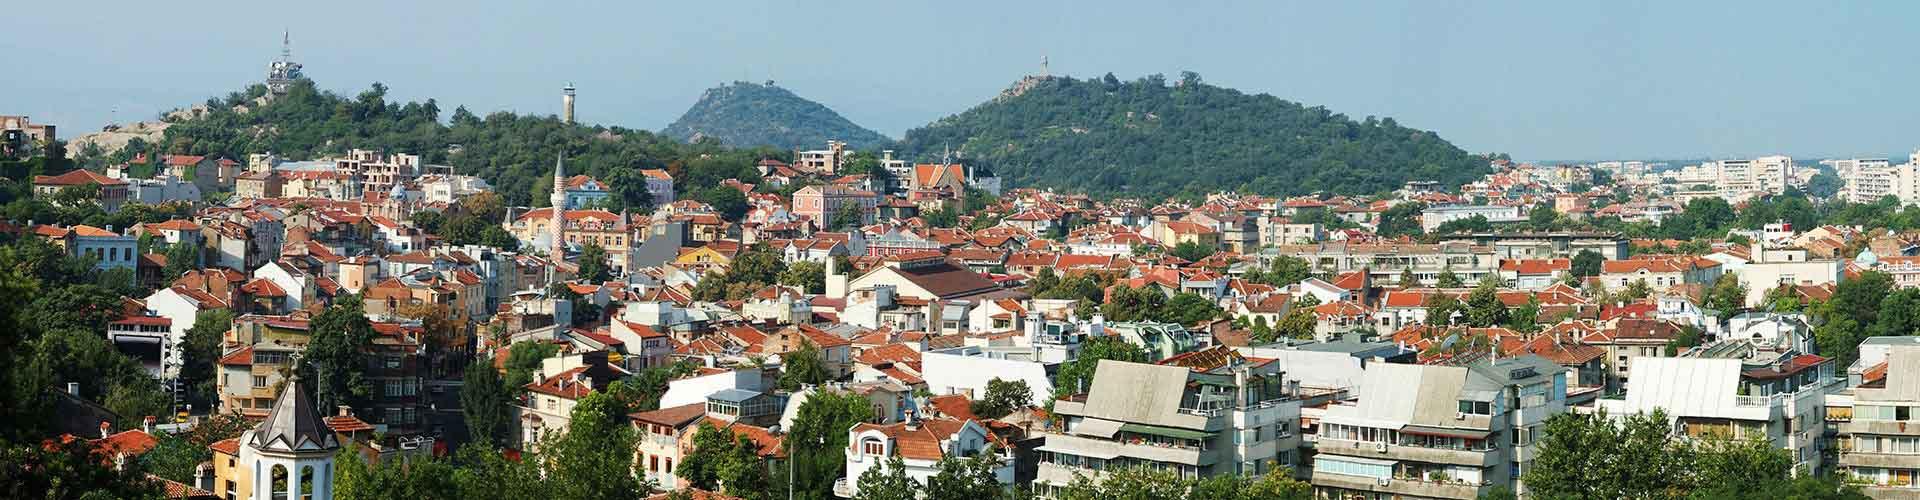 Plovdiv - Ifjúsági Szállások Rayon Központ városrészen. Plovdiv térképek, fotók, és ajánlások minden egyes ifjúsági szállásra Plovdiv-ben